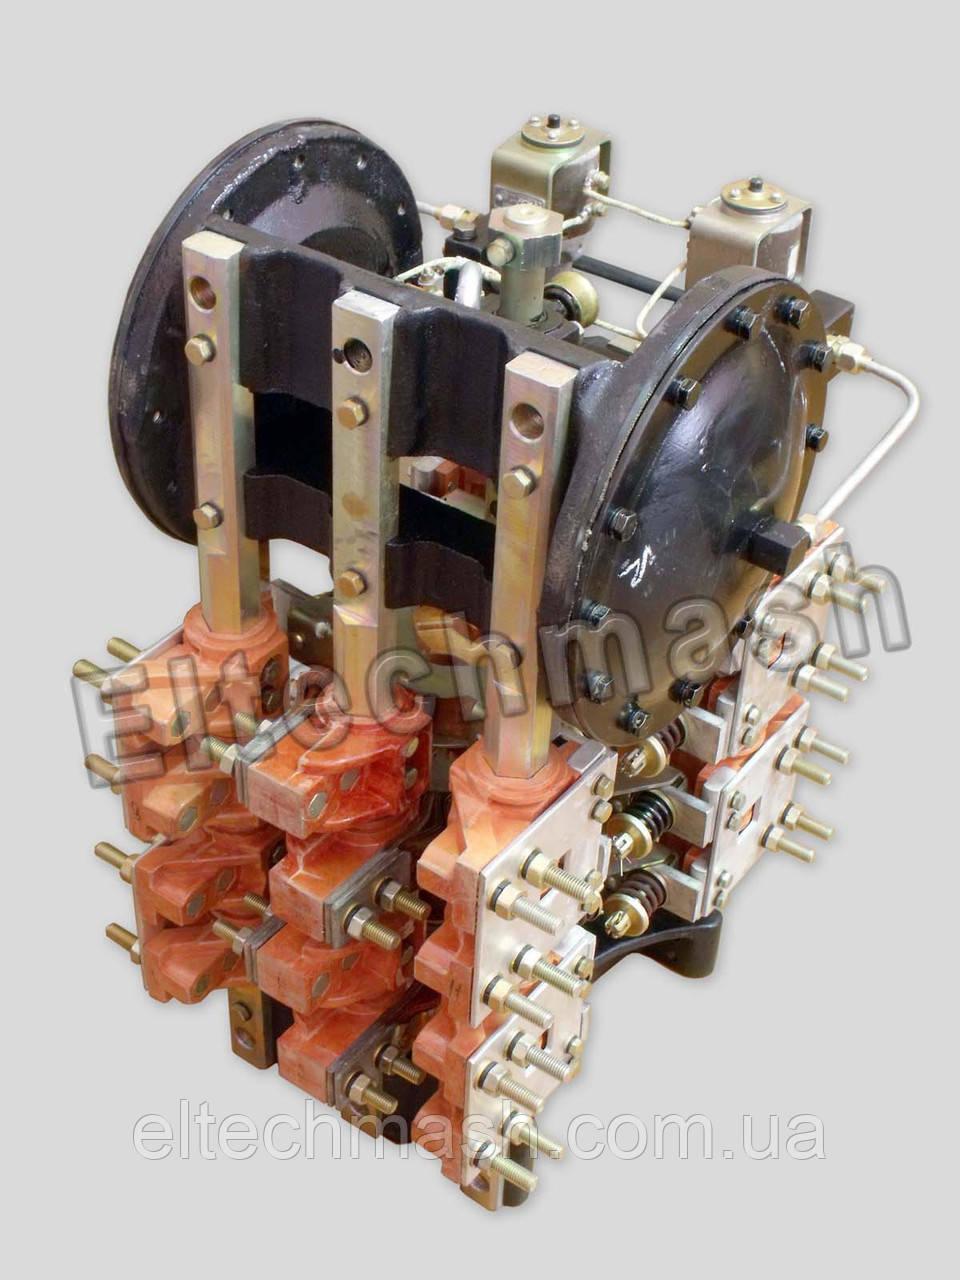 ППК-8042 У2 (110В), Перемикач електропневматичний (ИАКВ.642734.001-35)